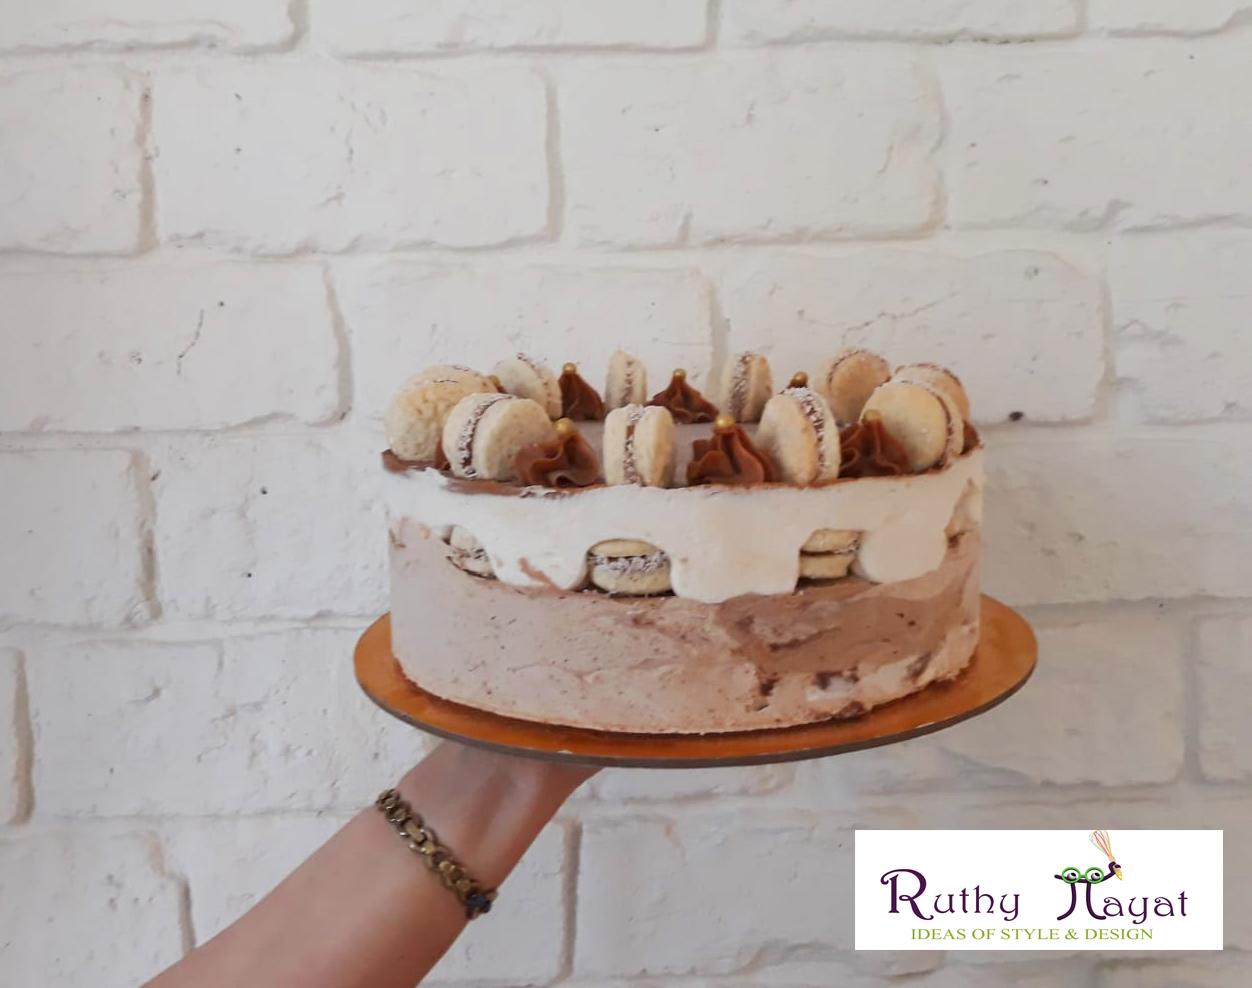 Untitled 2 - עוגת מוס אלפחורס פרווה